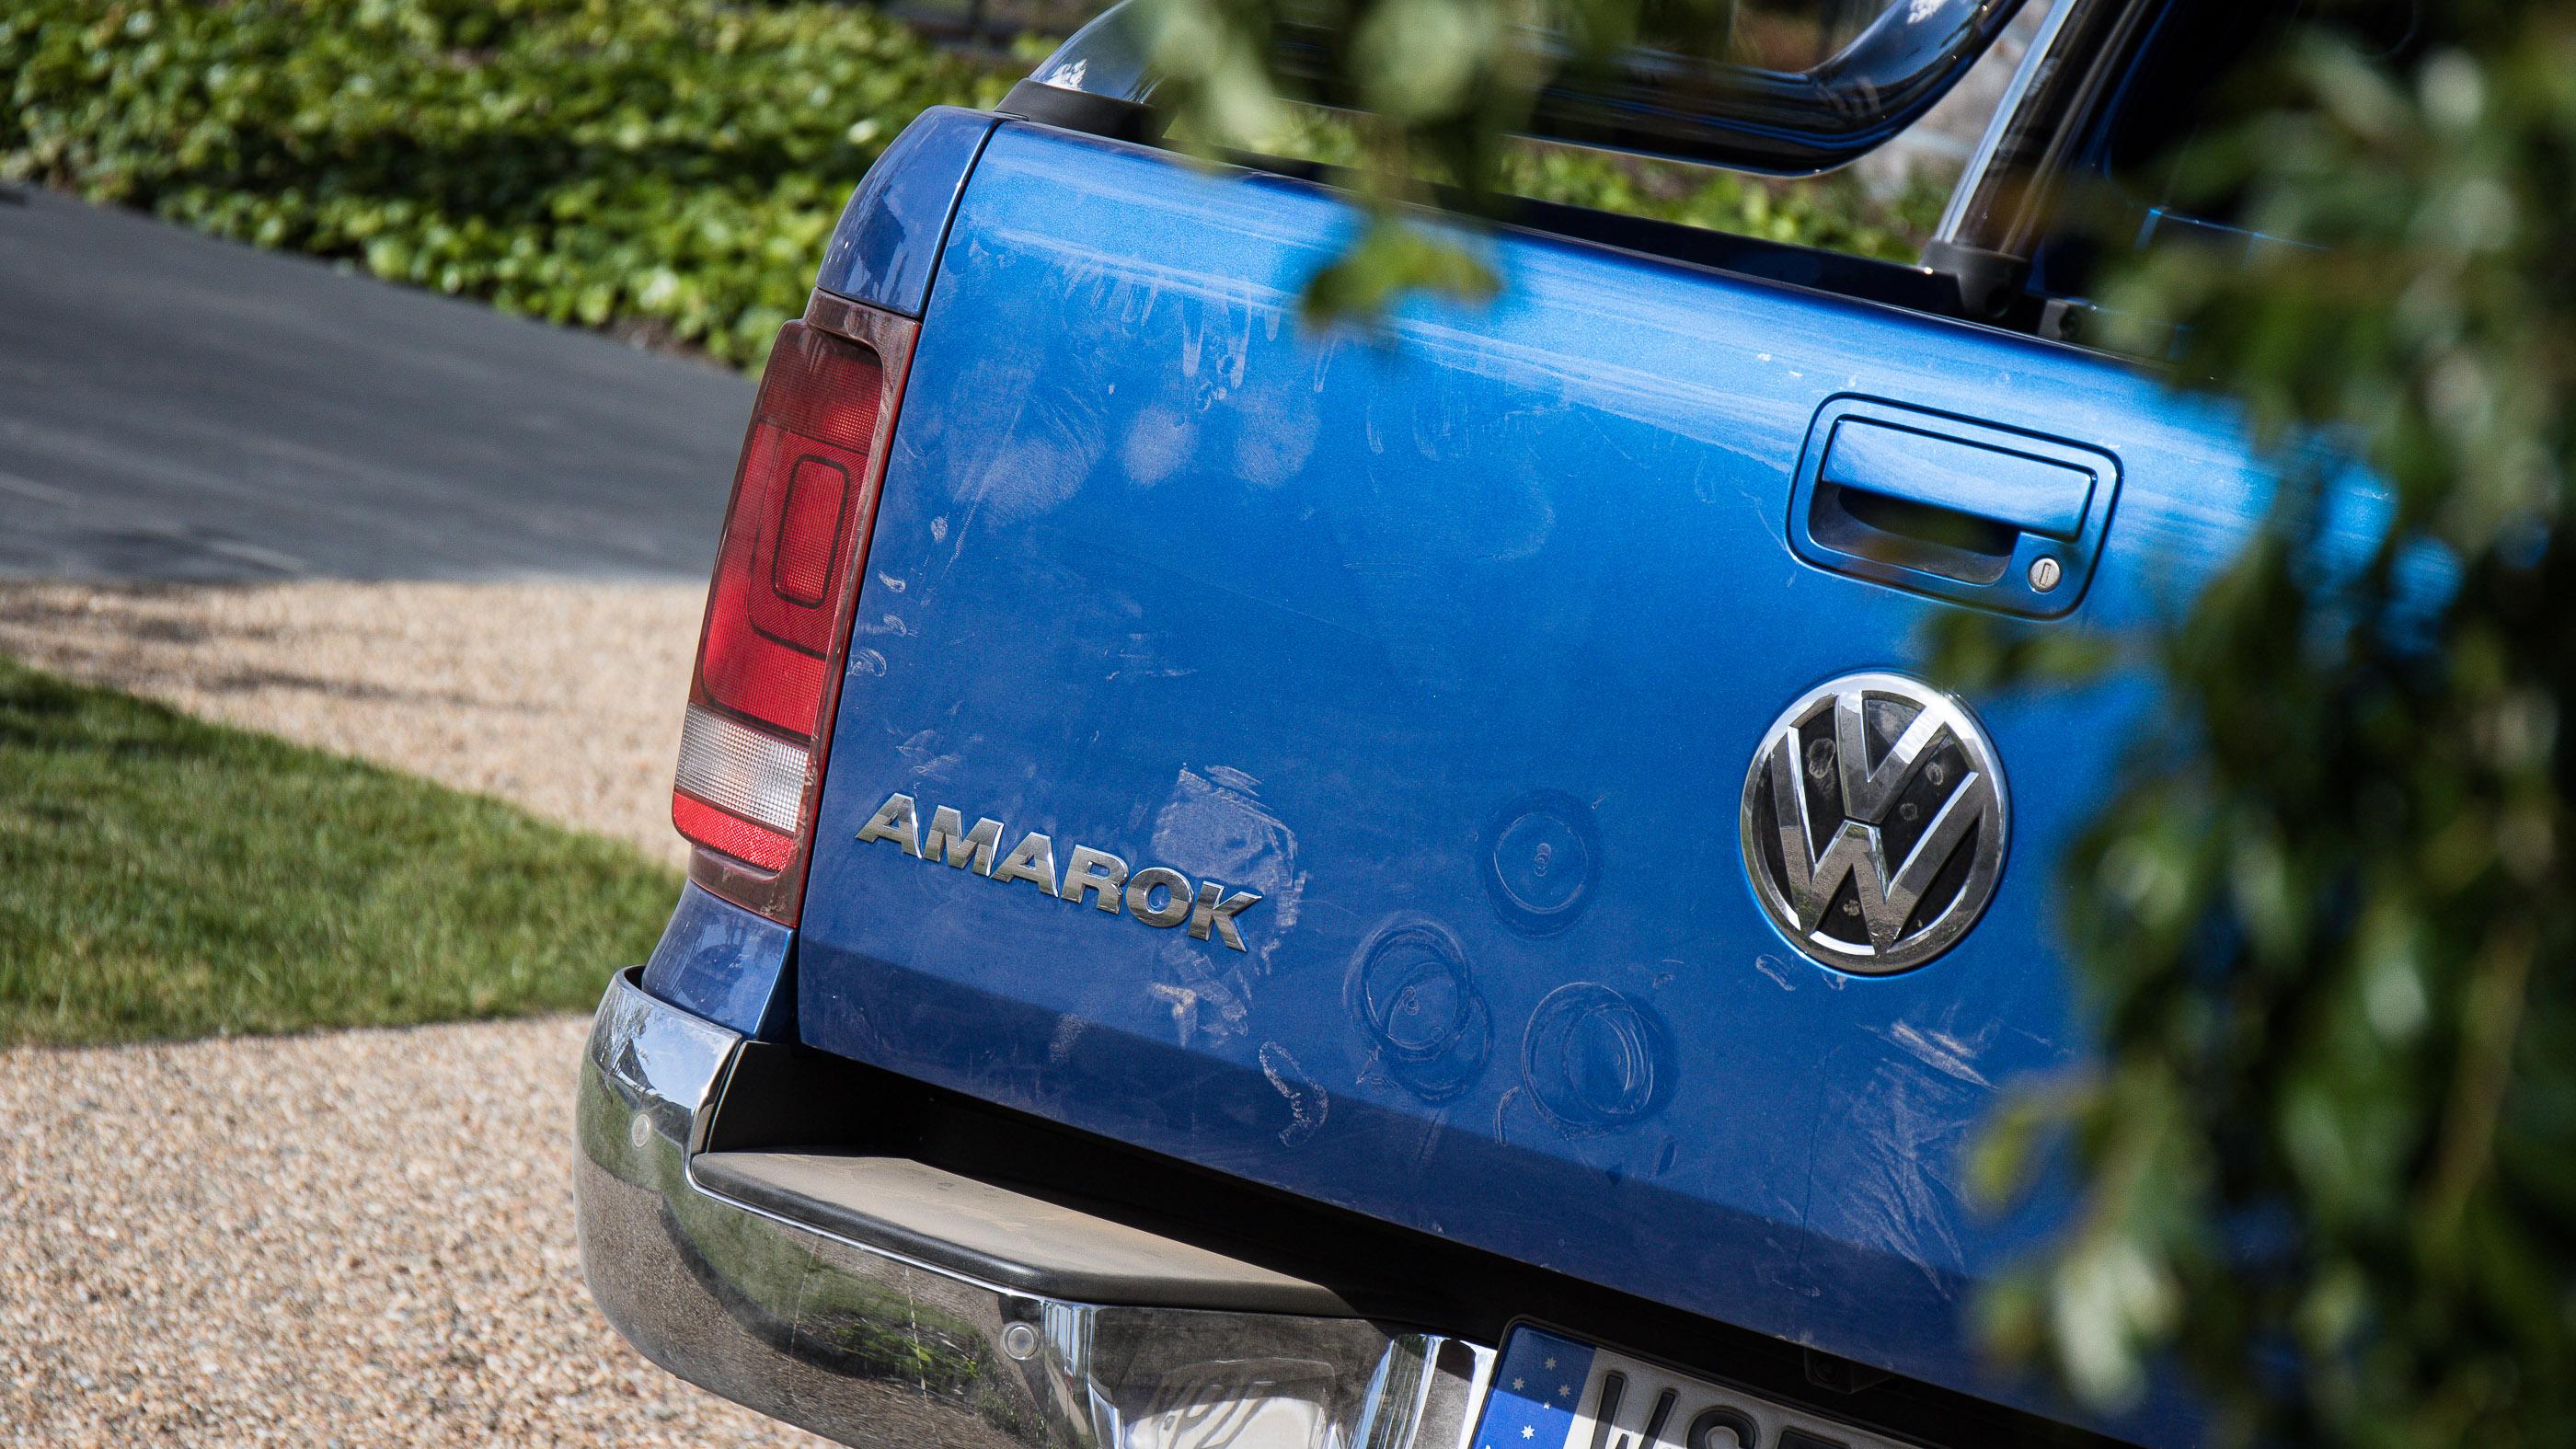 Volkswagen Amarok photo 171722